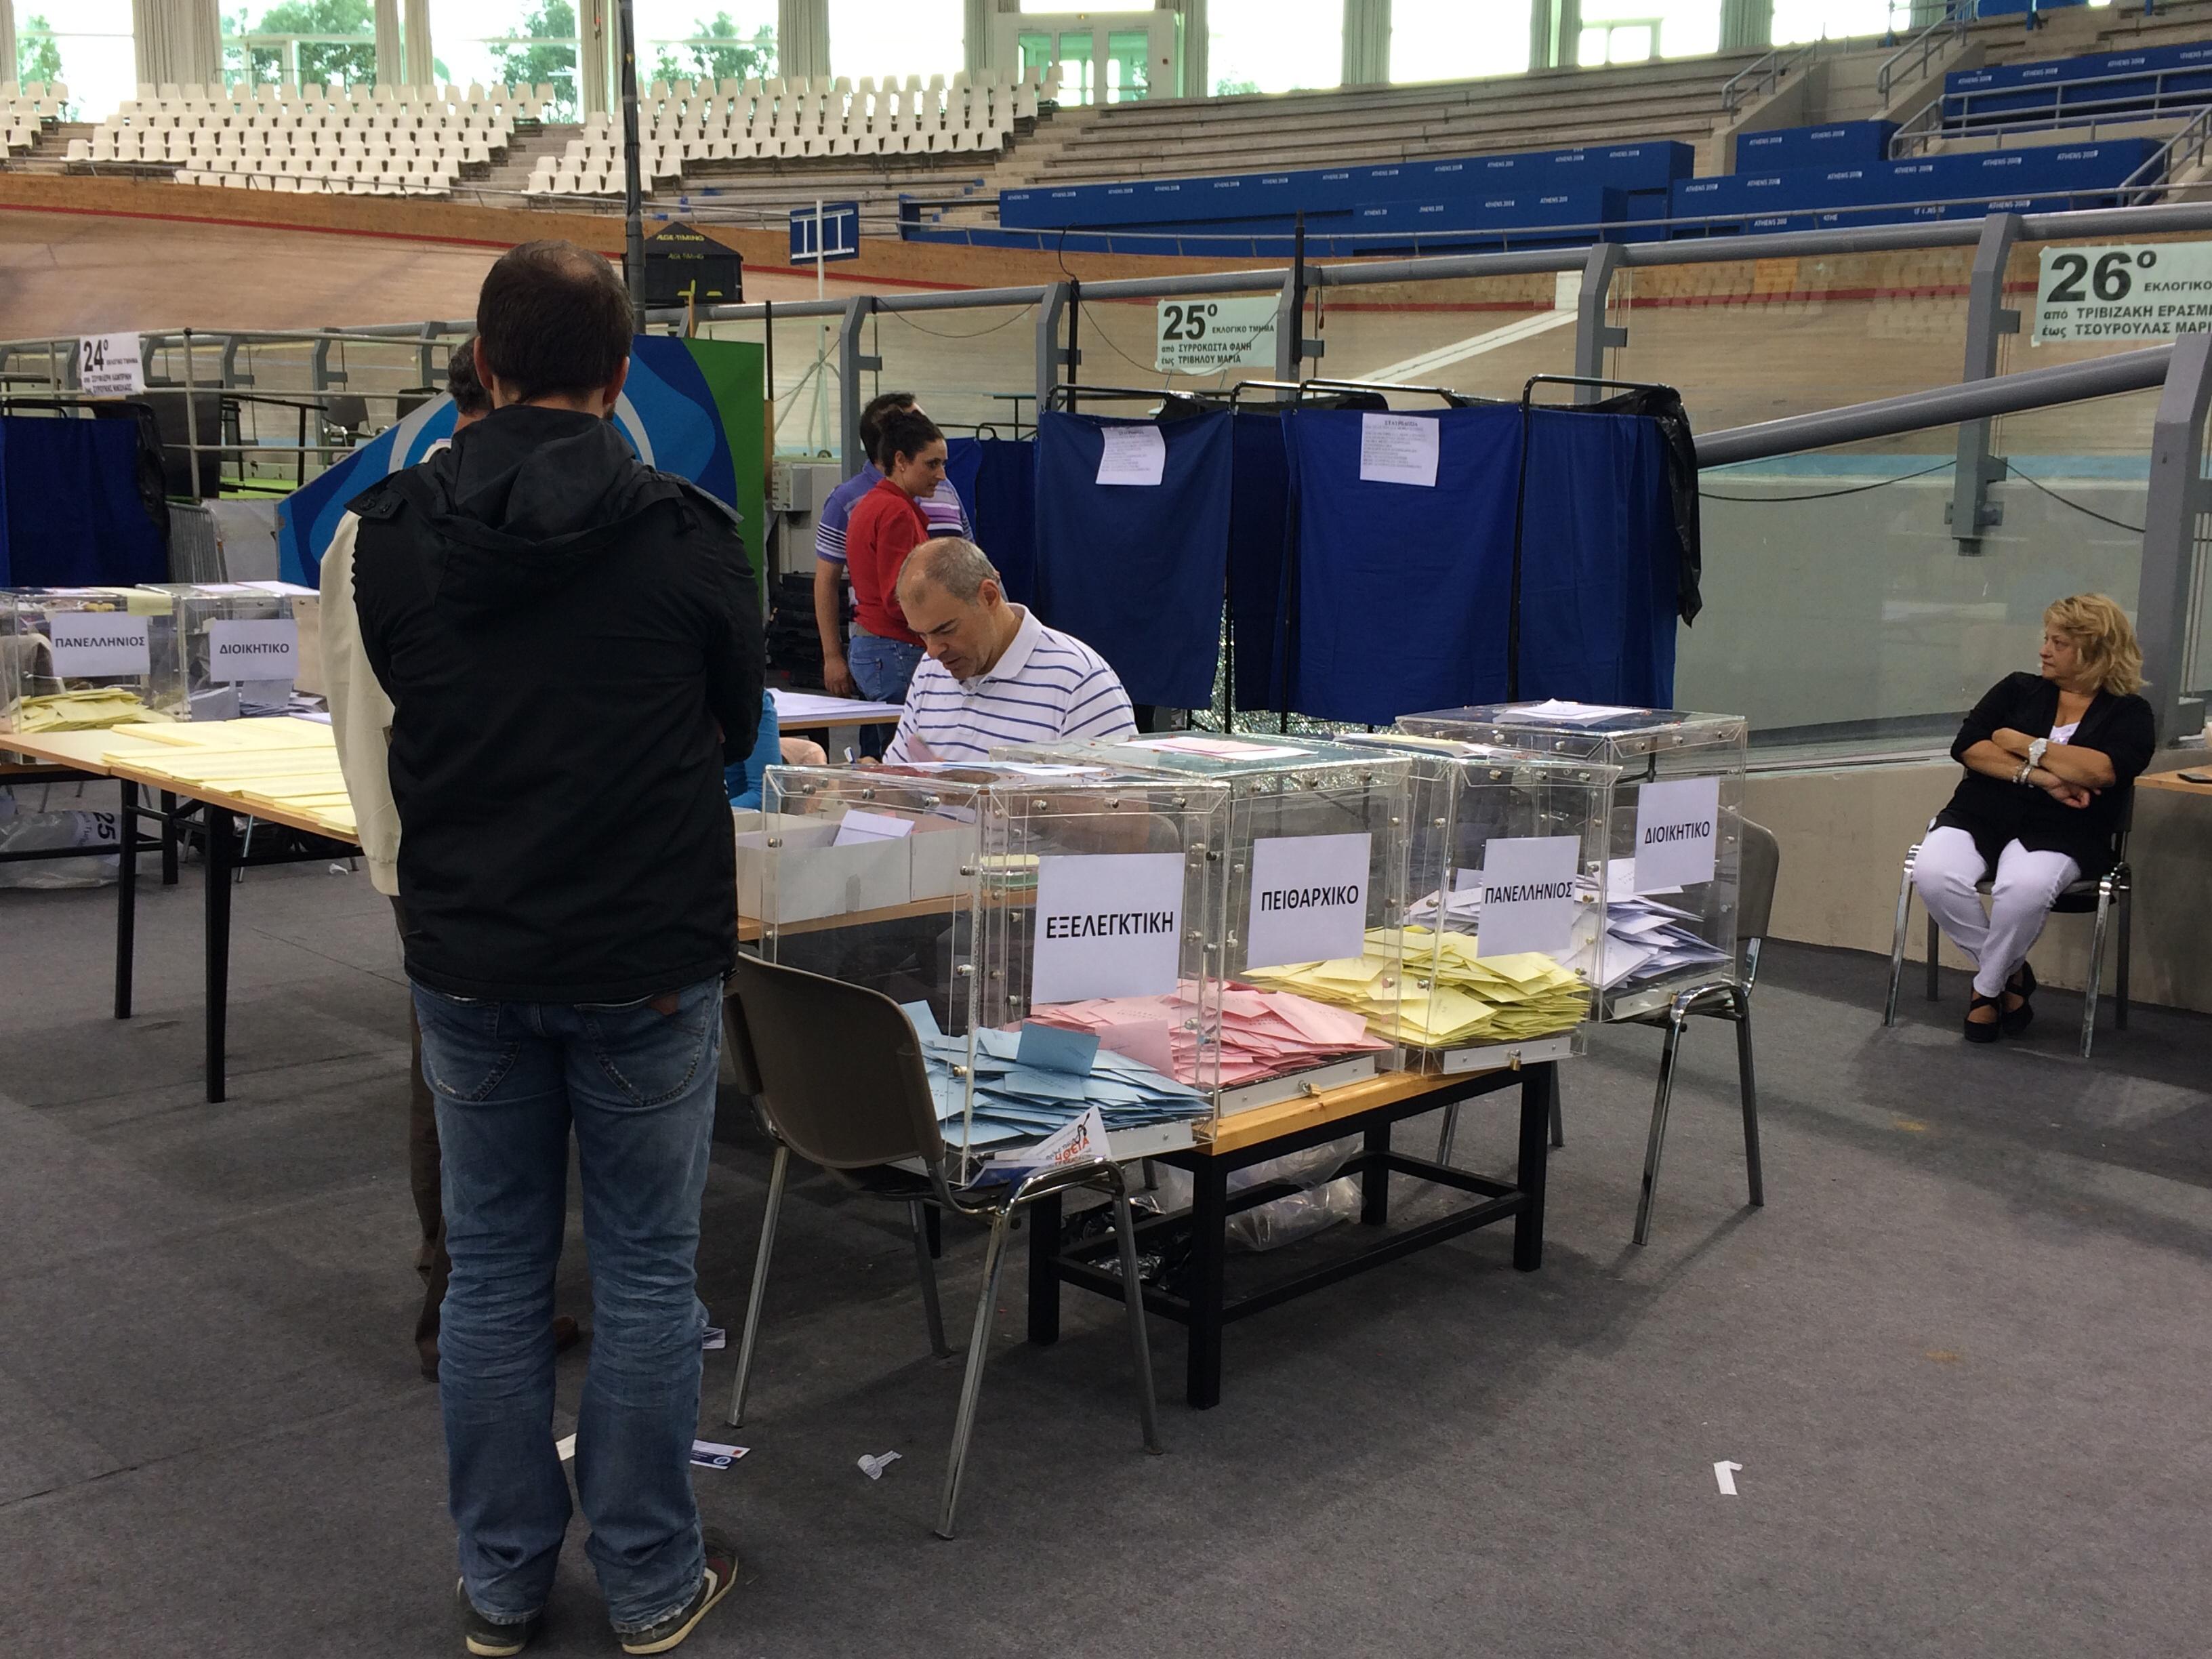 Δείτε τα τελικά αποτελέσματα από τις εκλογές του ΙΣΑ! (ΦΩΤΟ)